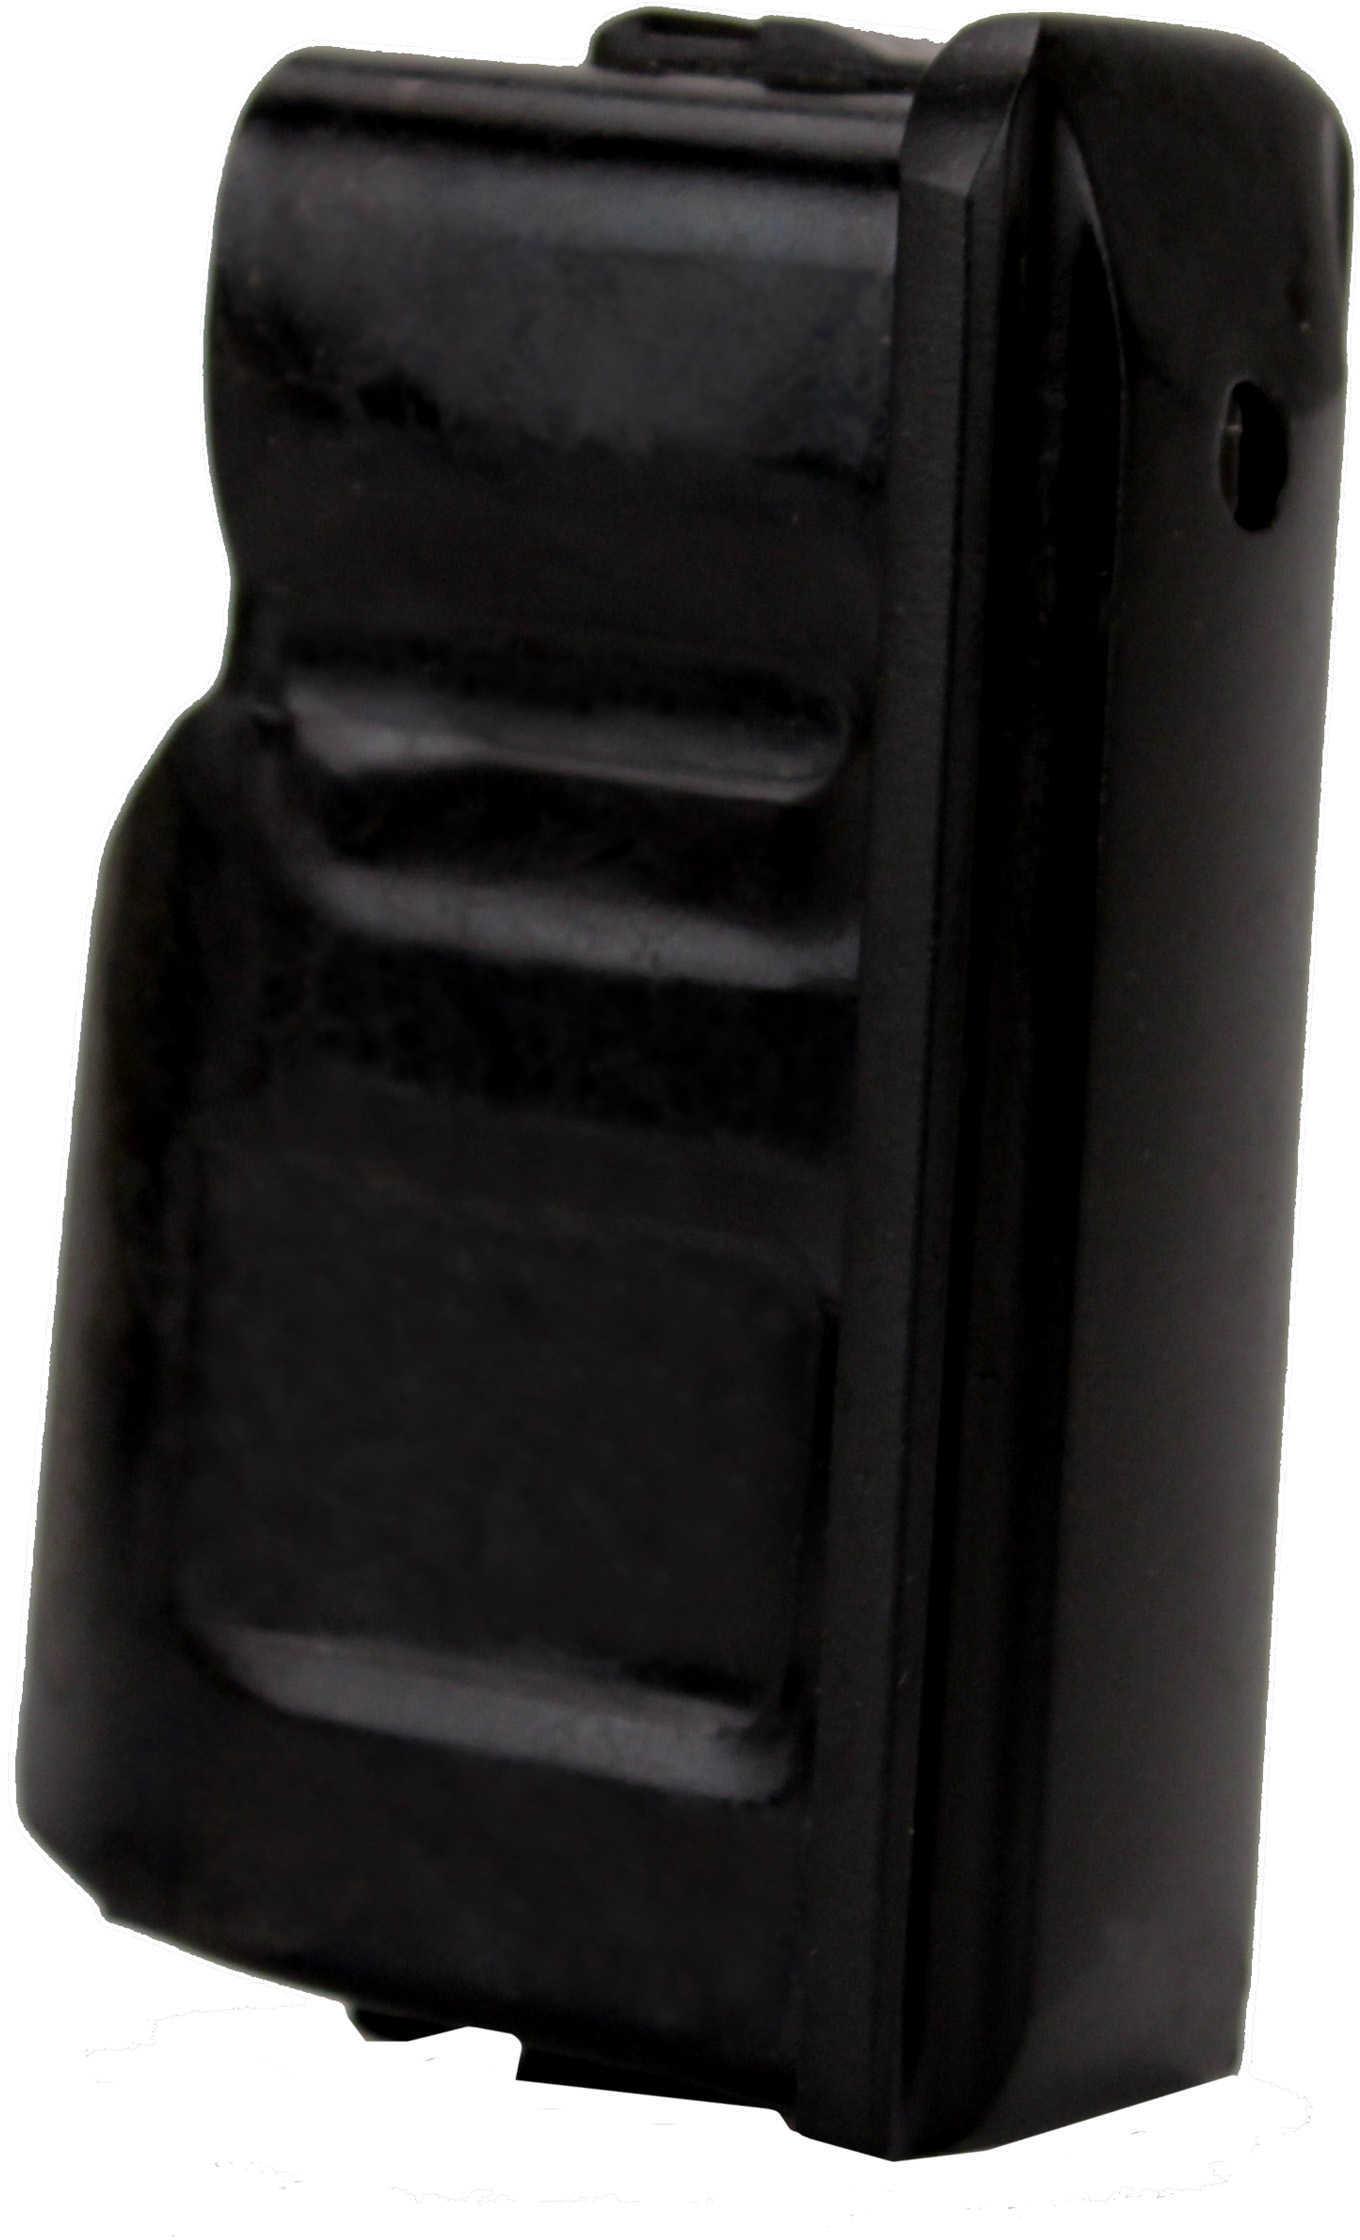 CZ 550 Magzine 308 Winchester 4 Round Md: 14002